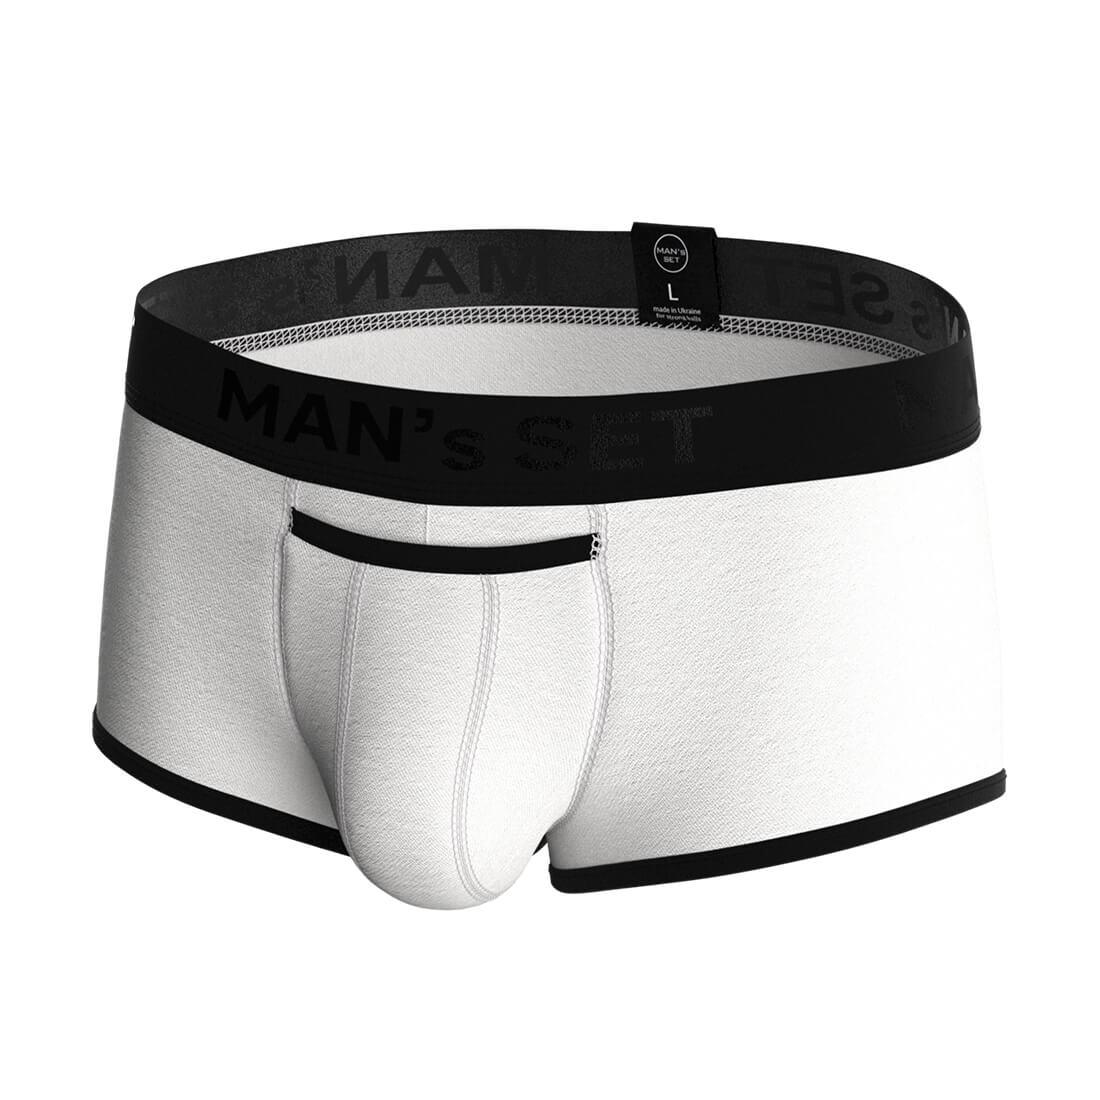 Мужские анатомические спортивные боксеры из хлопка, Sport Black Series, белый